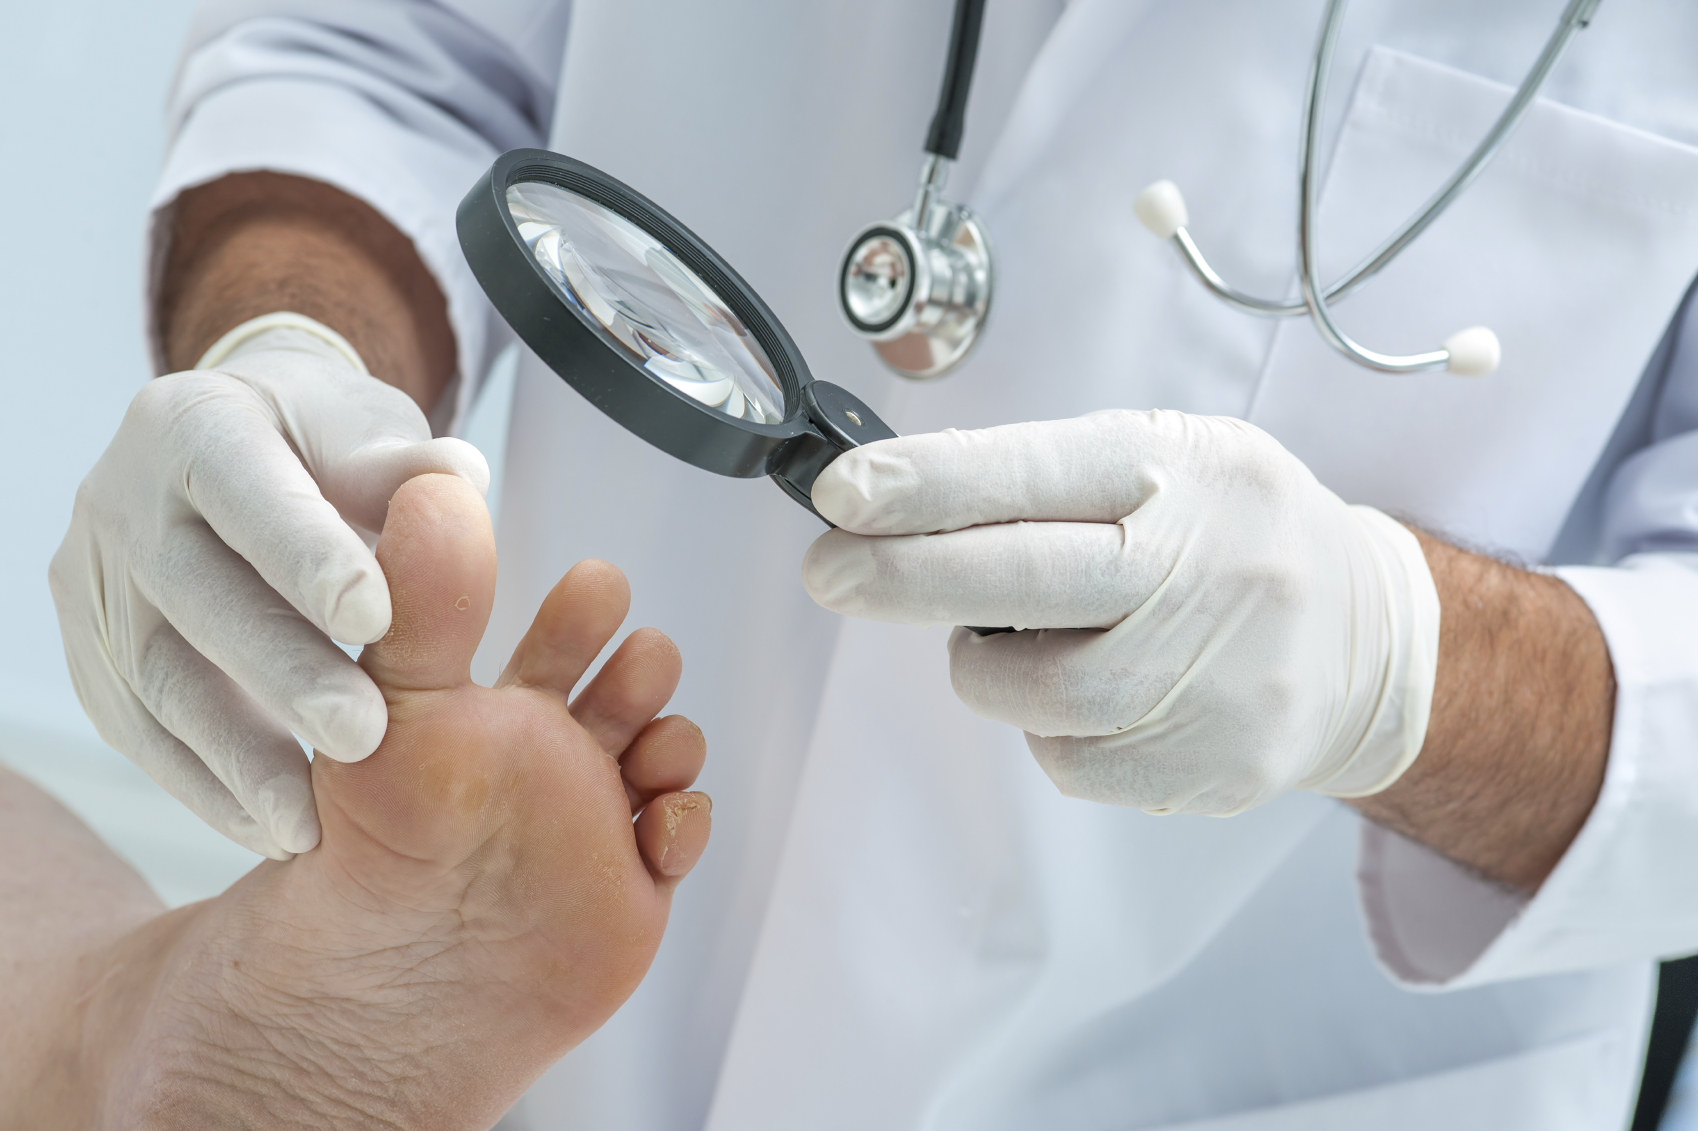 Как в домашних условиях вылечить грибок ногтя – рецепты недорогих эффективных средств